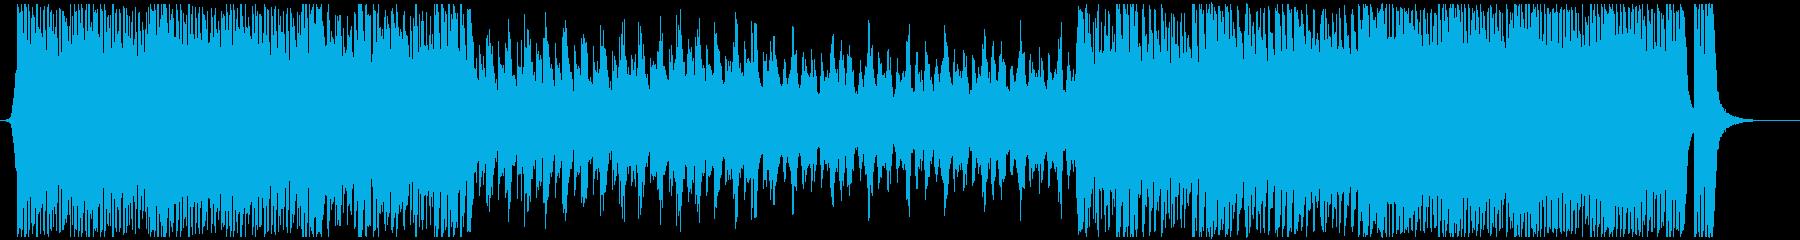 壮大なオーケストラ序曲-演出PVの再生済みの波形